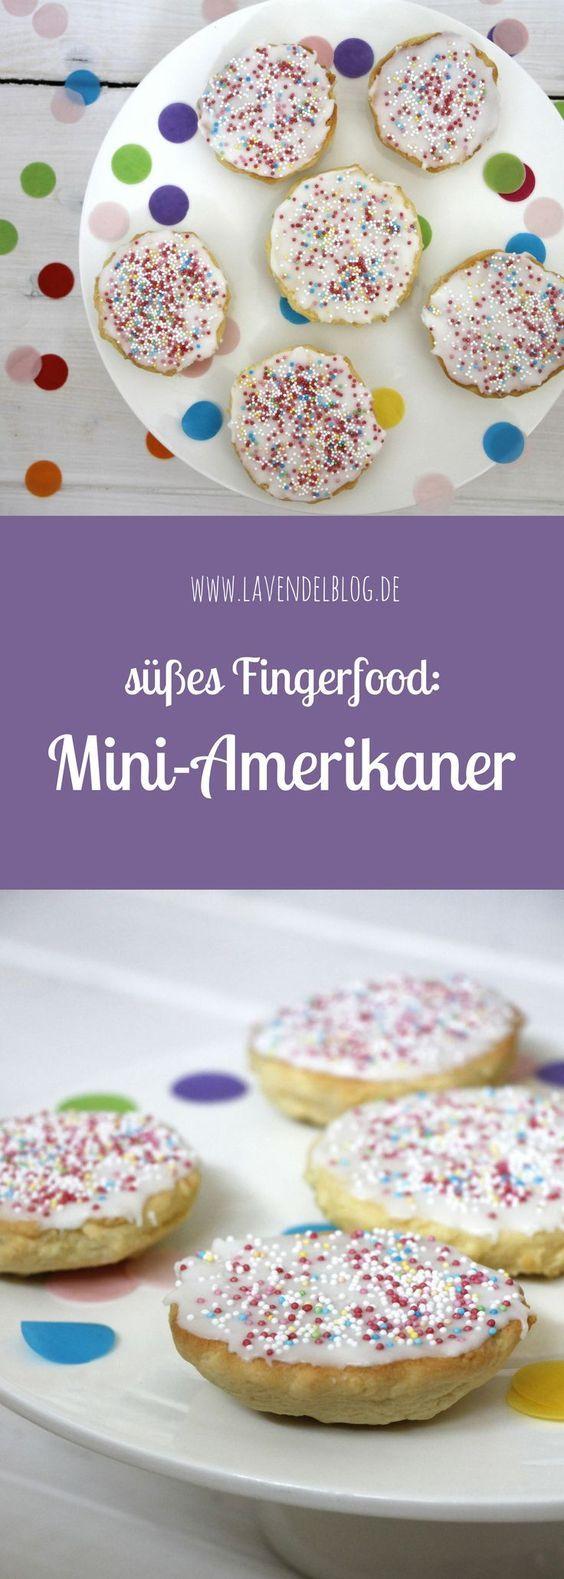 Bezaubernd Fingerfood Kindergeburtstag Das Beste Von Mini-amerikaner: Für Den   Amerikaner Rezept, Einfaches